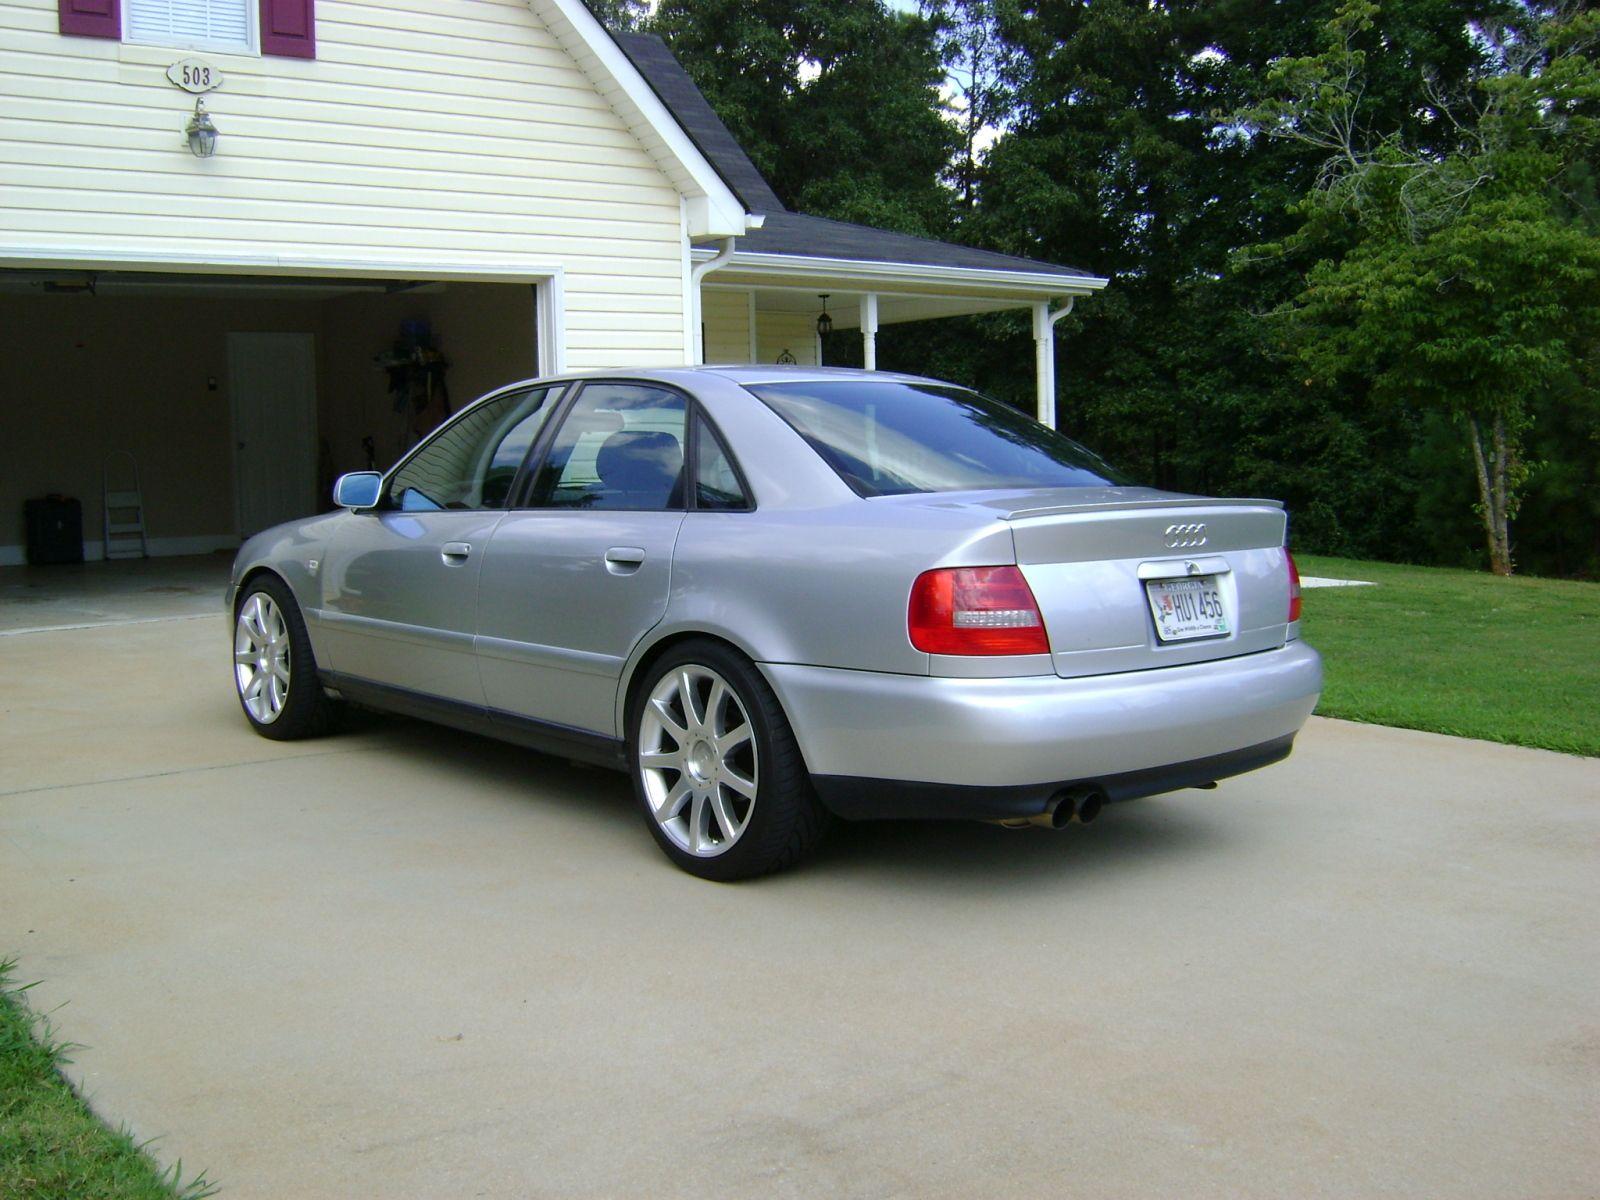 Kelebihan Kekurangan Audi A4 1.8 Turbo Top Model Tahun Ini